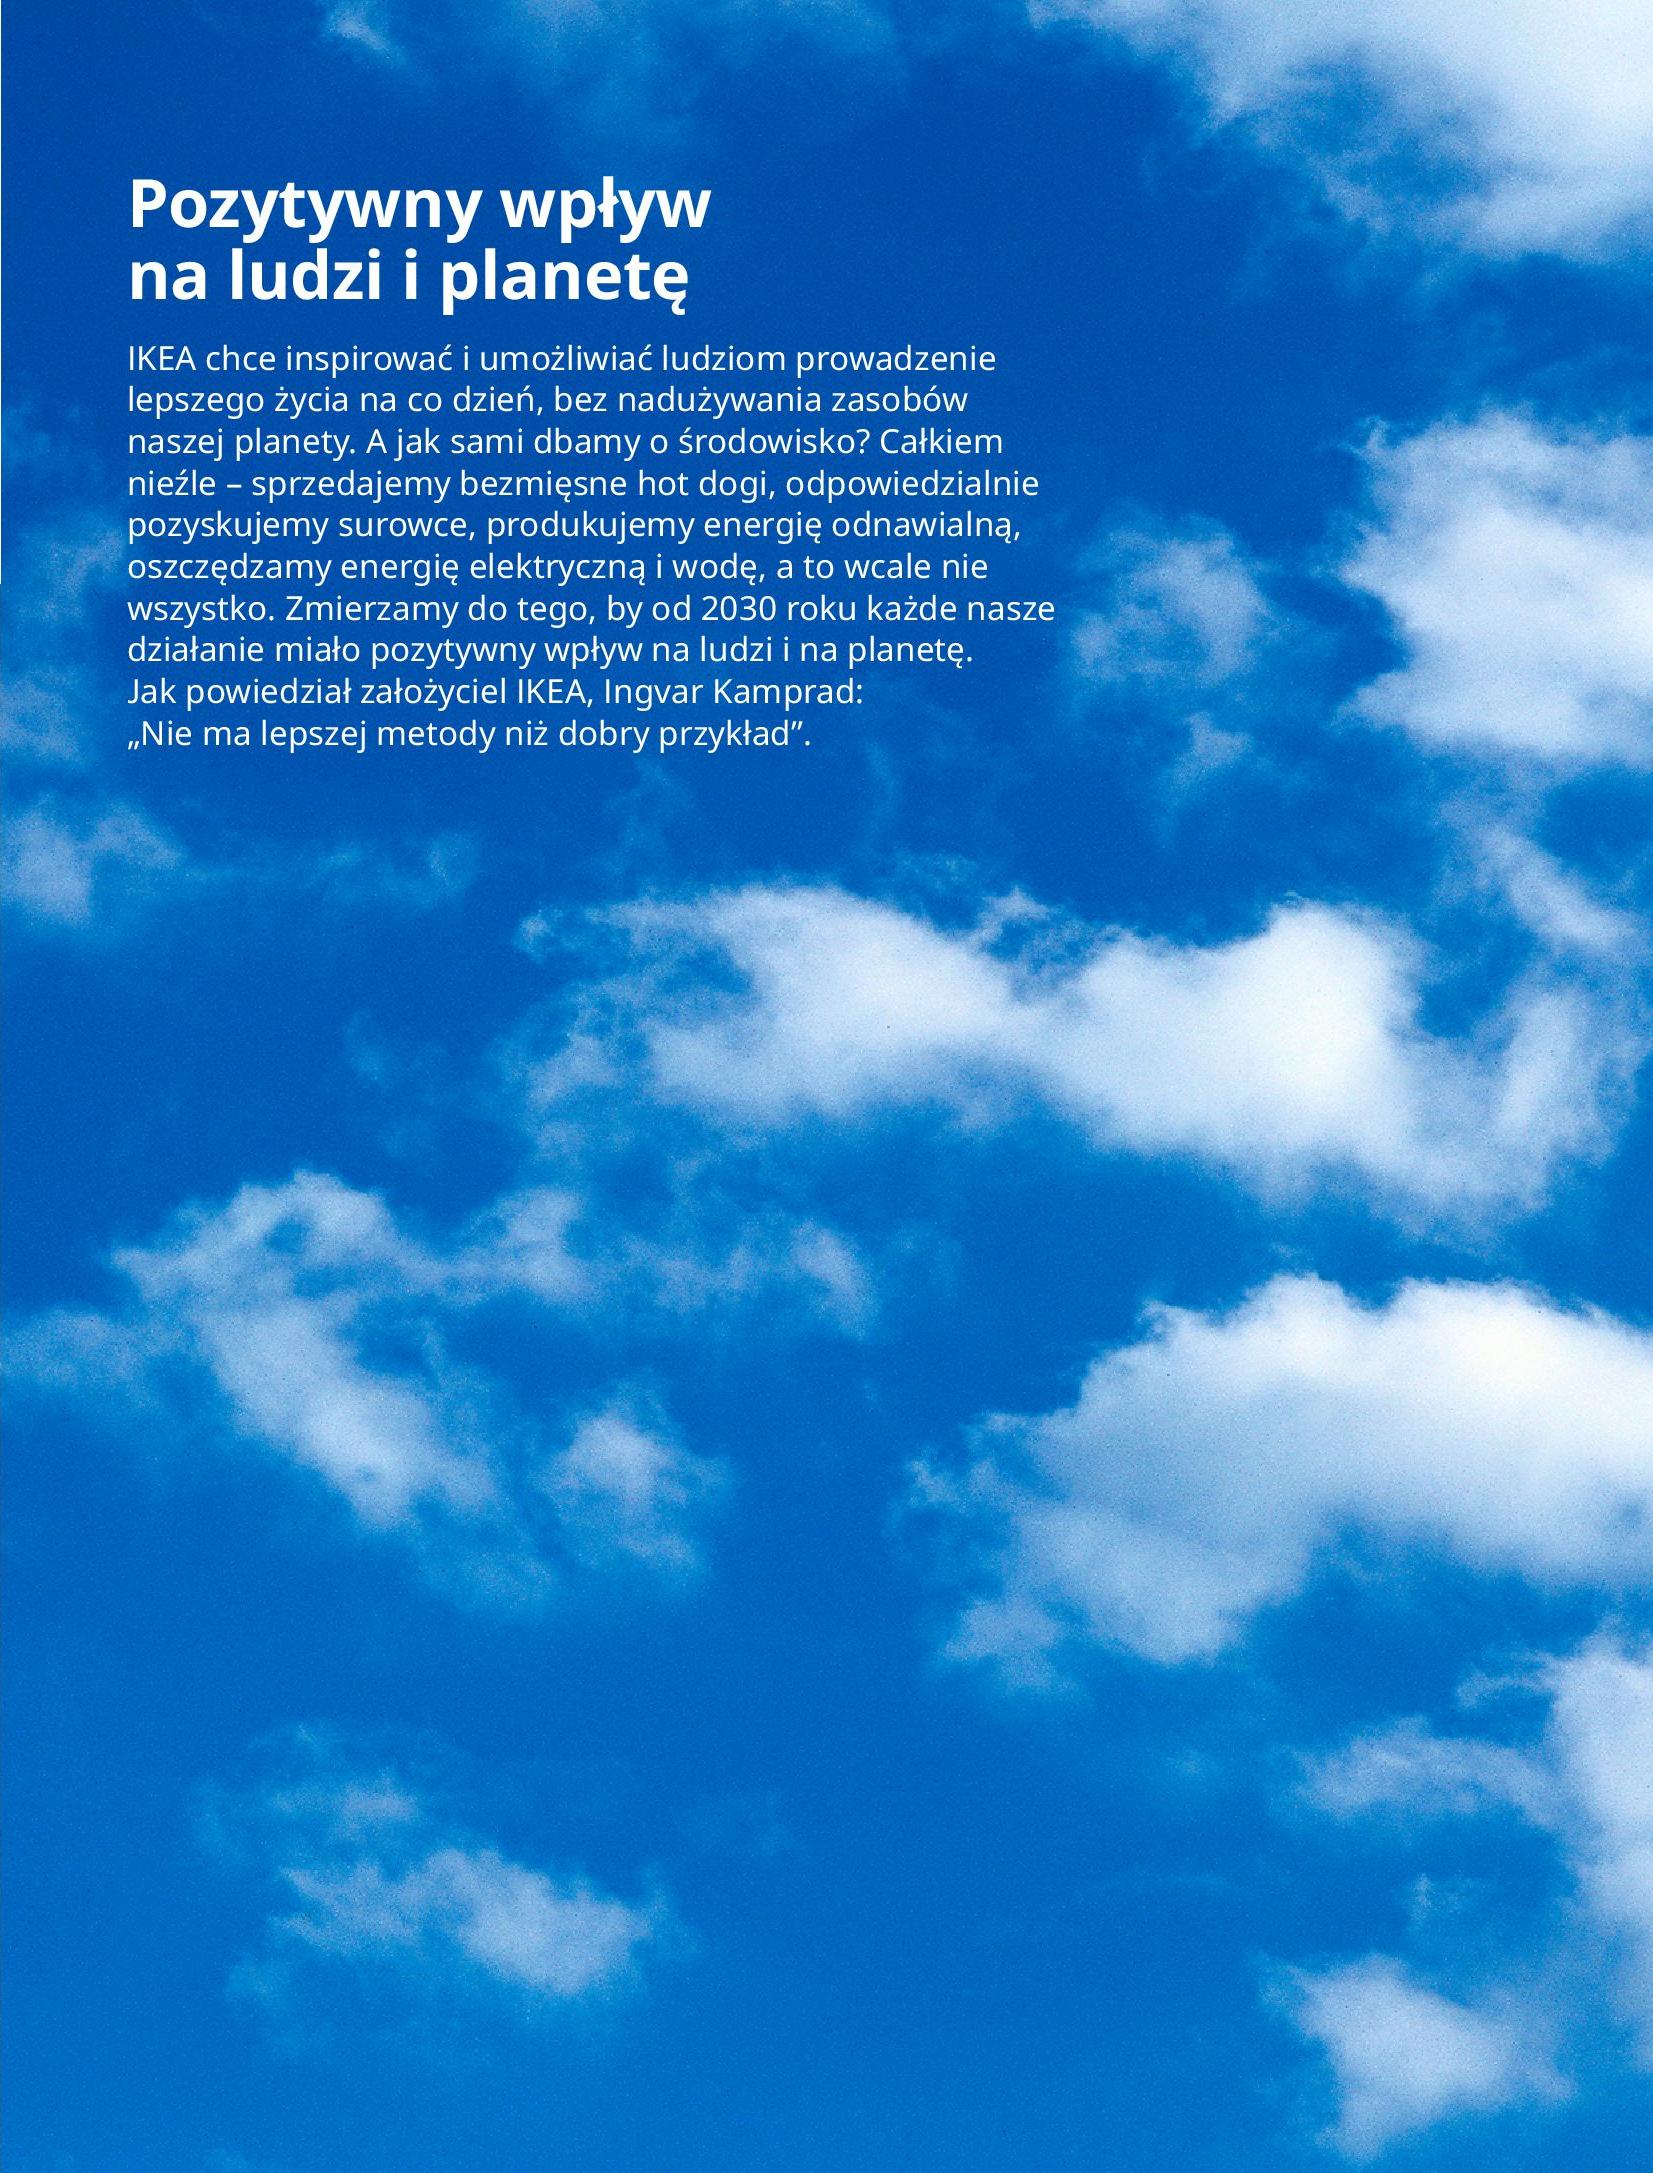 Gazetka IKEA: IKEA dla Firm 2021 2021-01-13 page-21